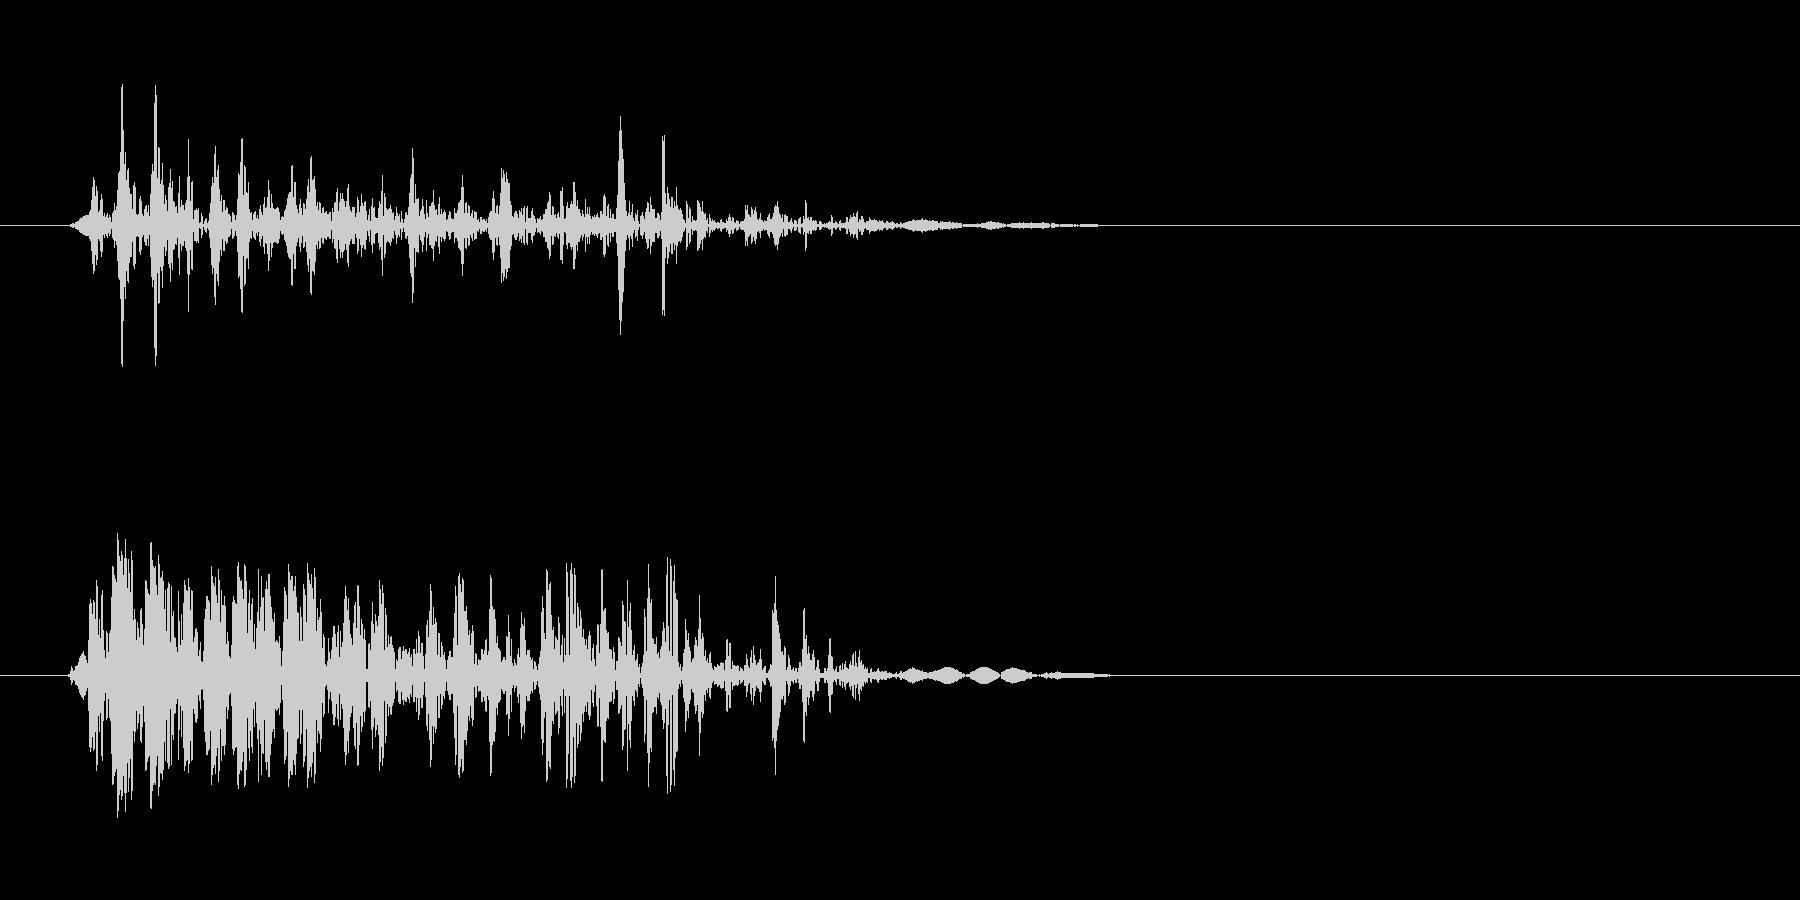 ザッ(シンプルで短めの決定音)の未再生の波形